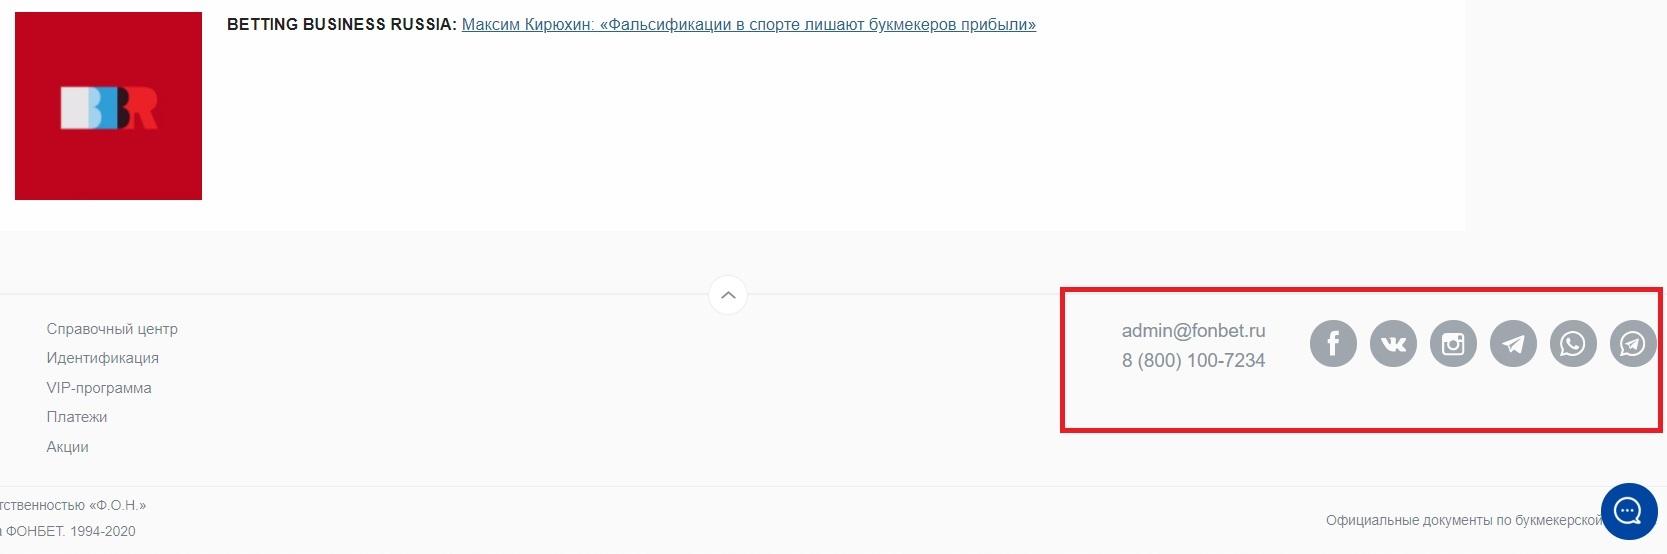 контакты в БК Фонбет